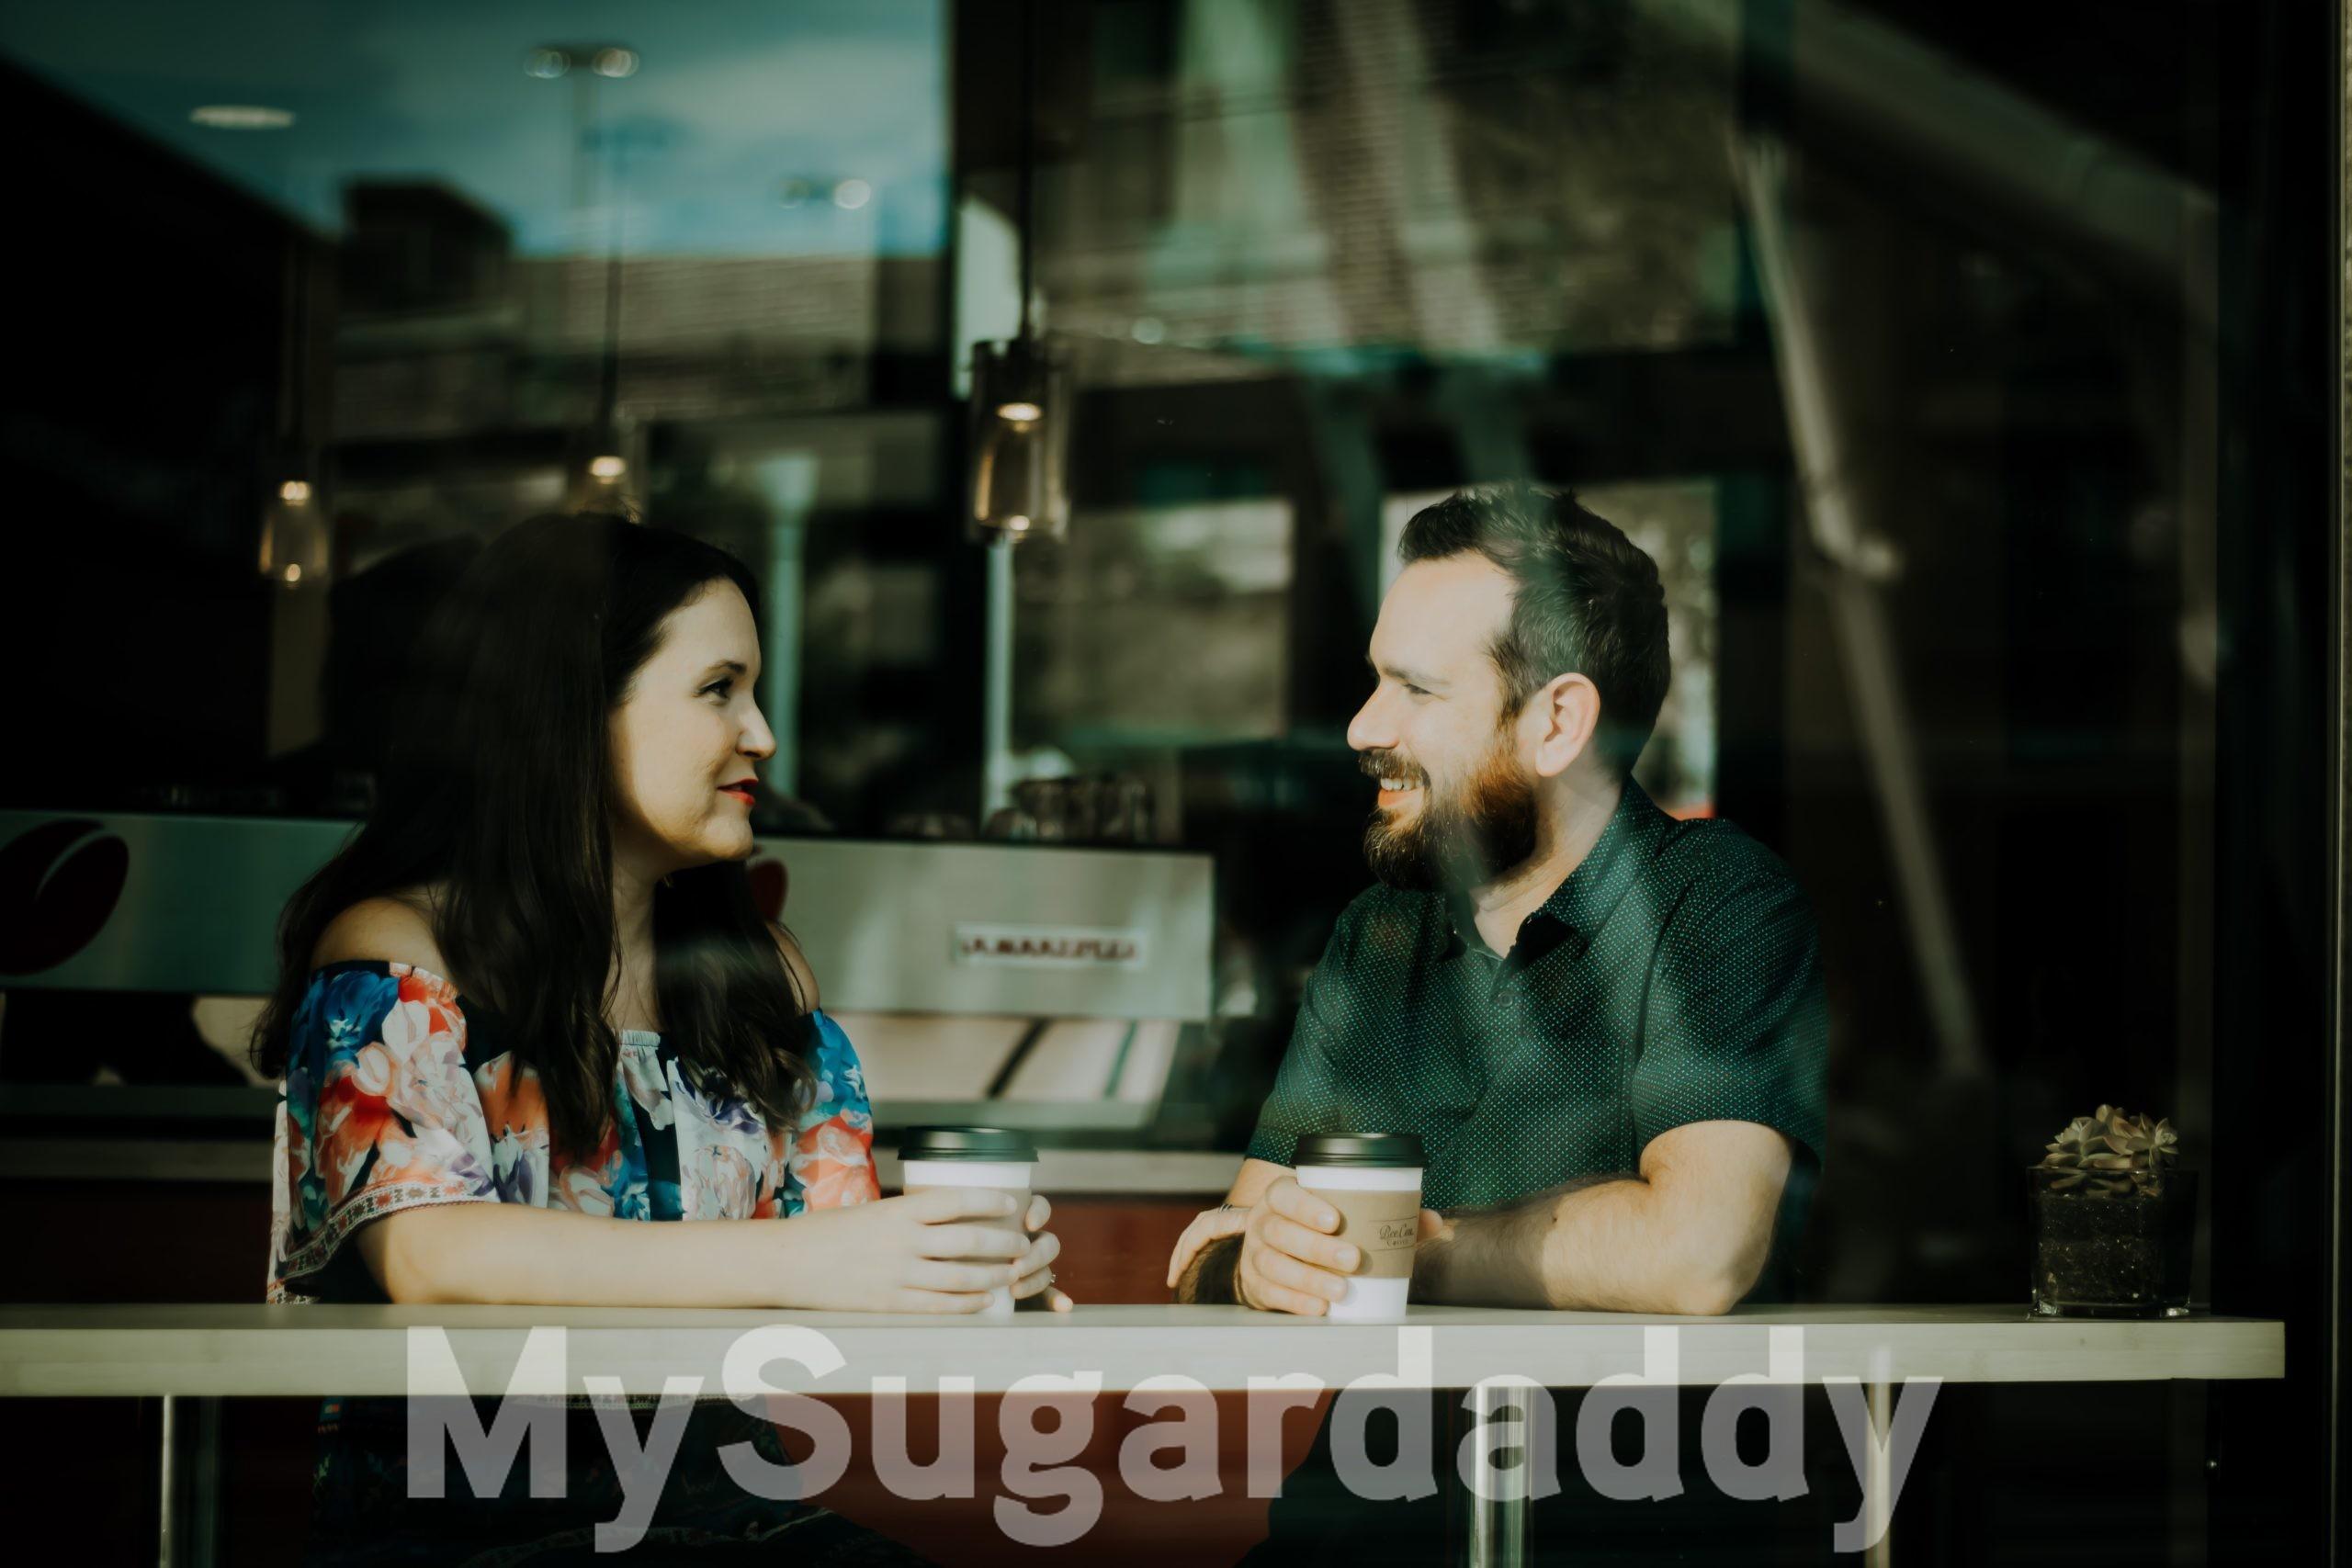 Etykieta randkowa dla Sugar Babys